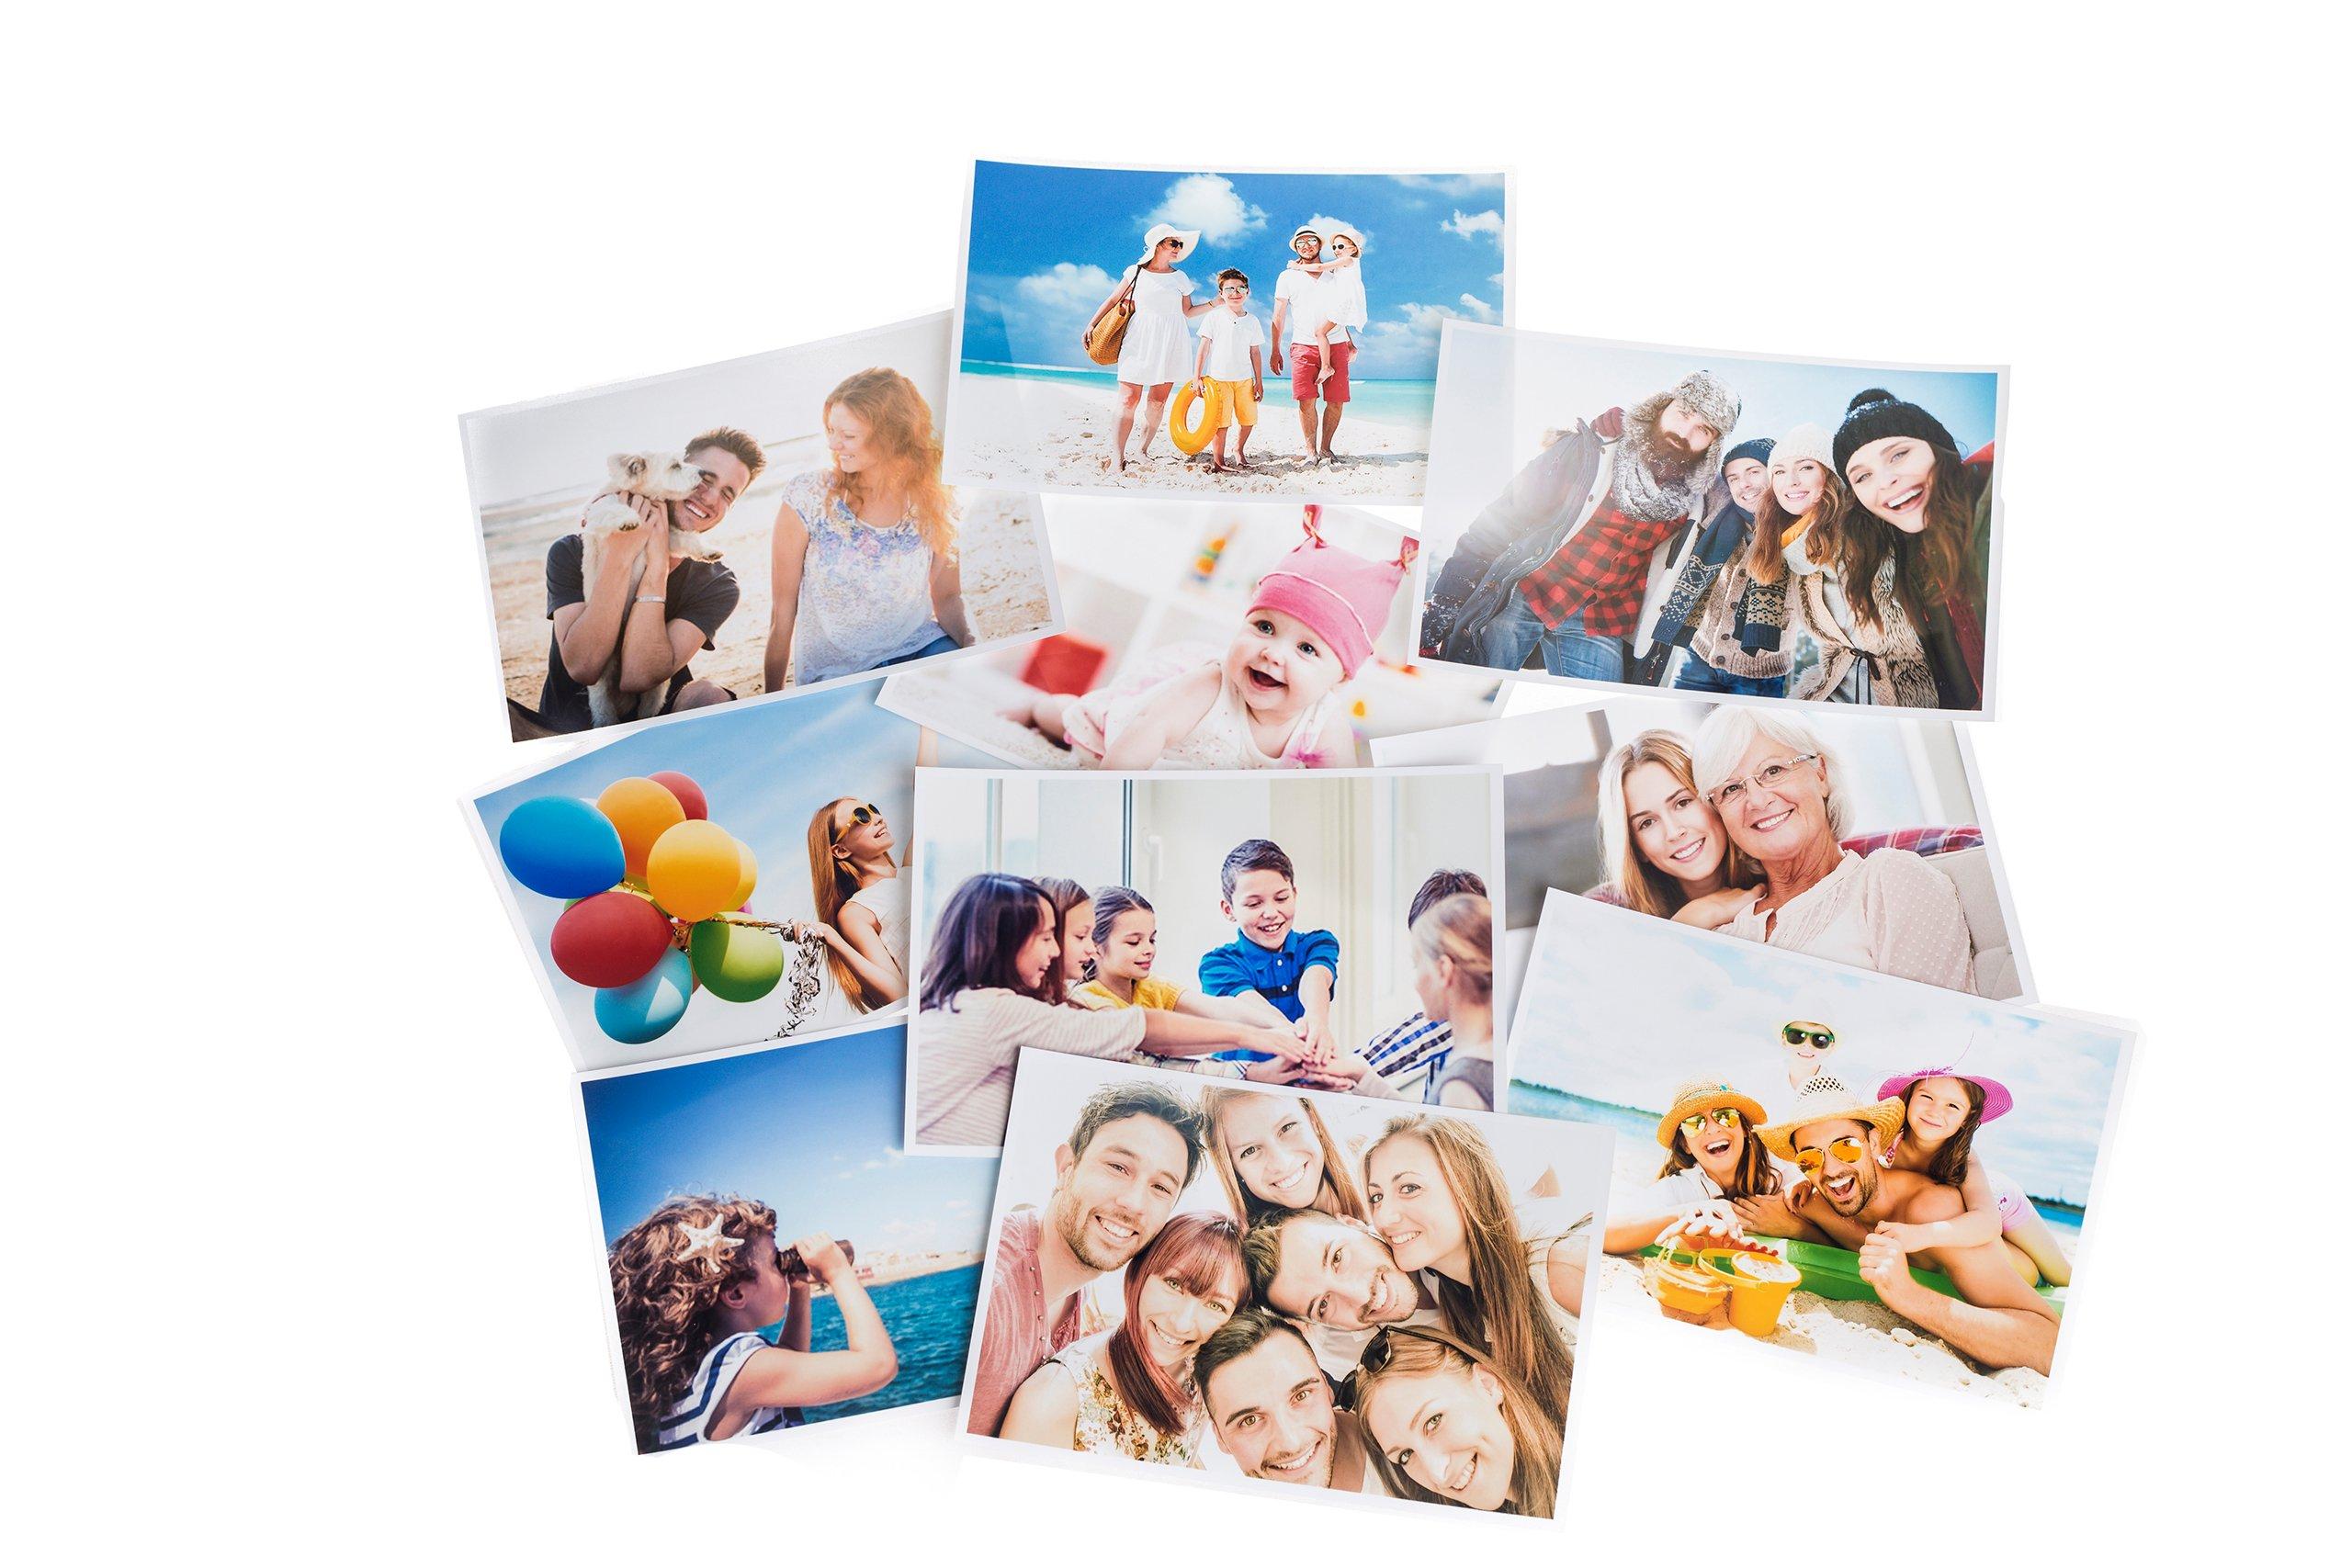 Печать фотографий через интернет дешево найс фото